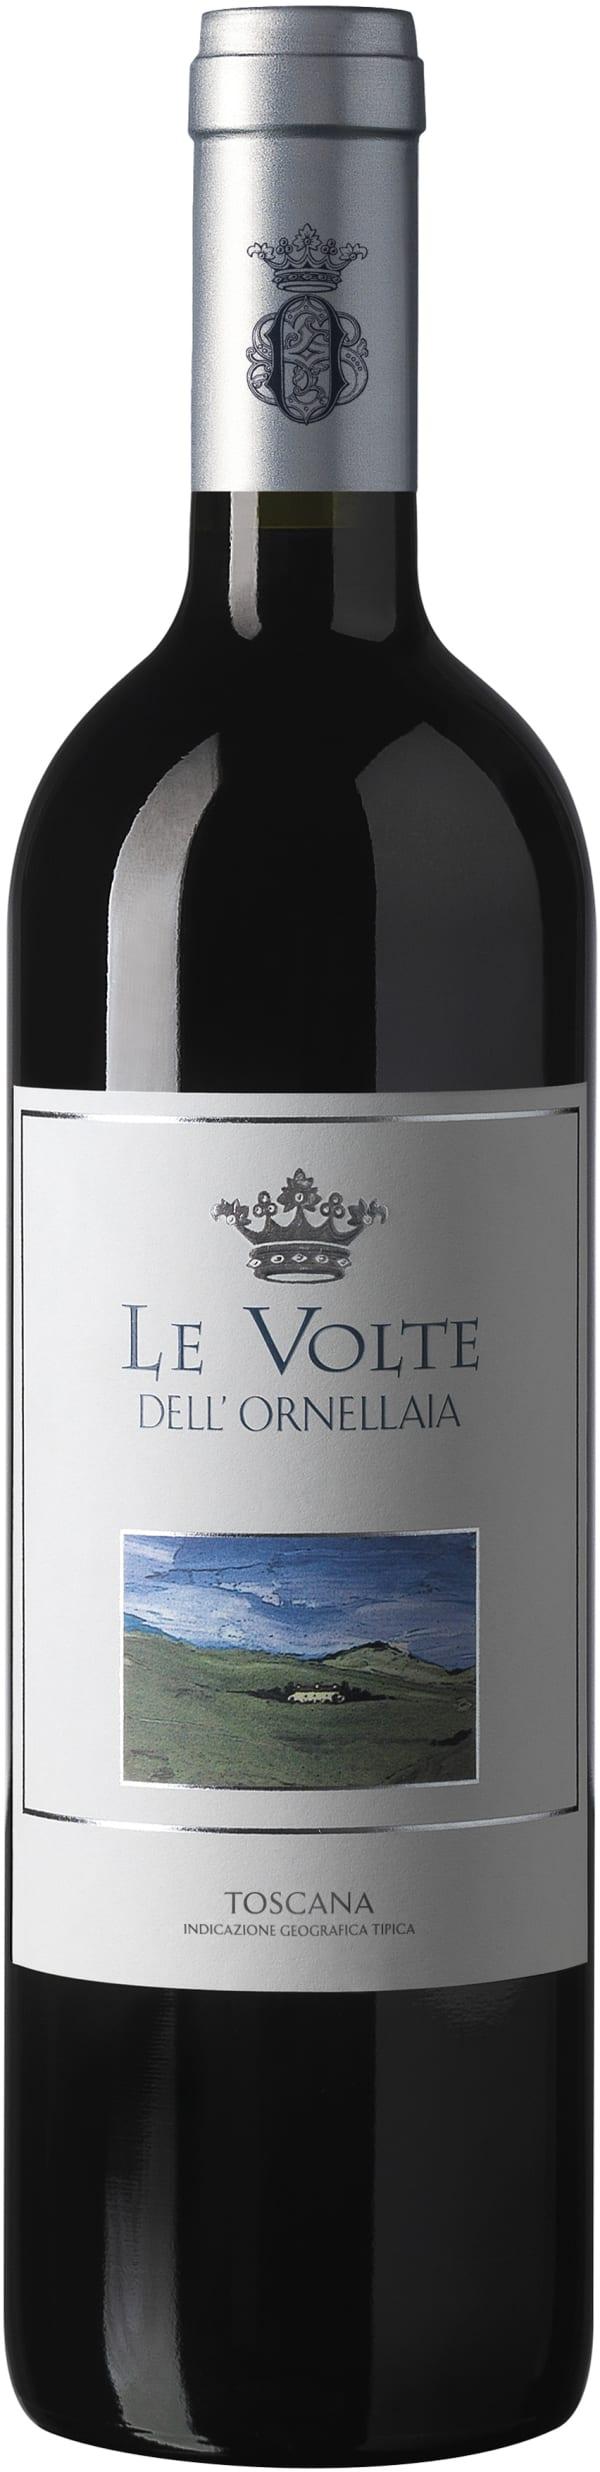 Ornellaia Le Volte 2015